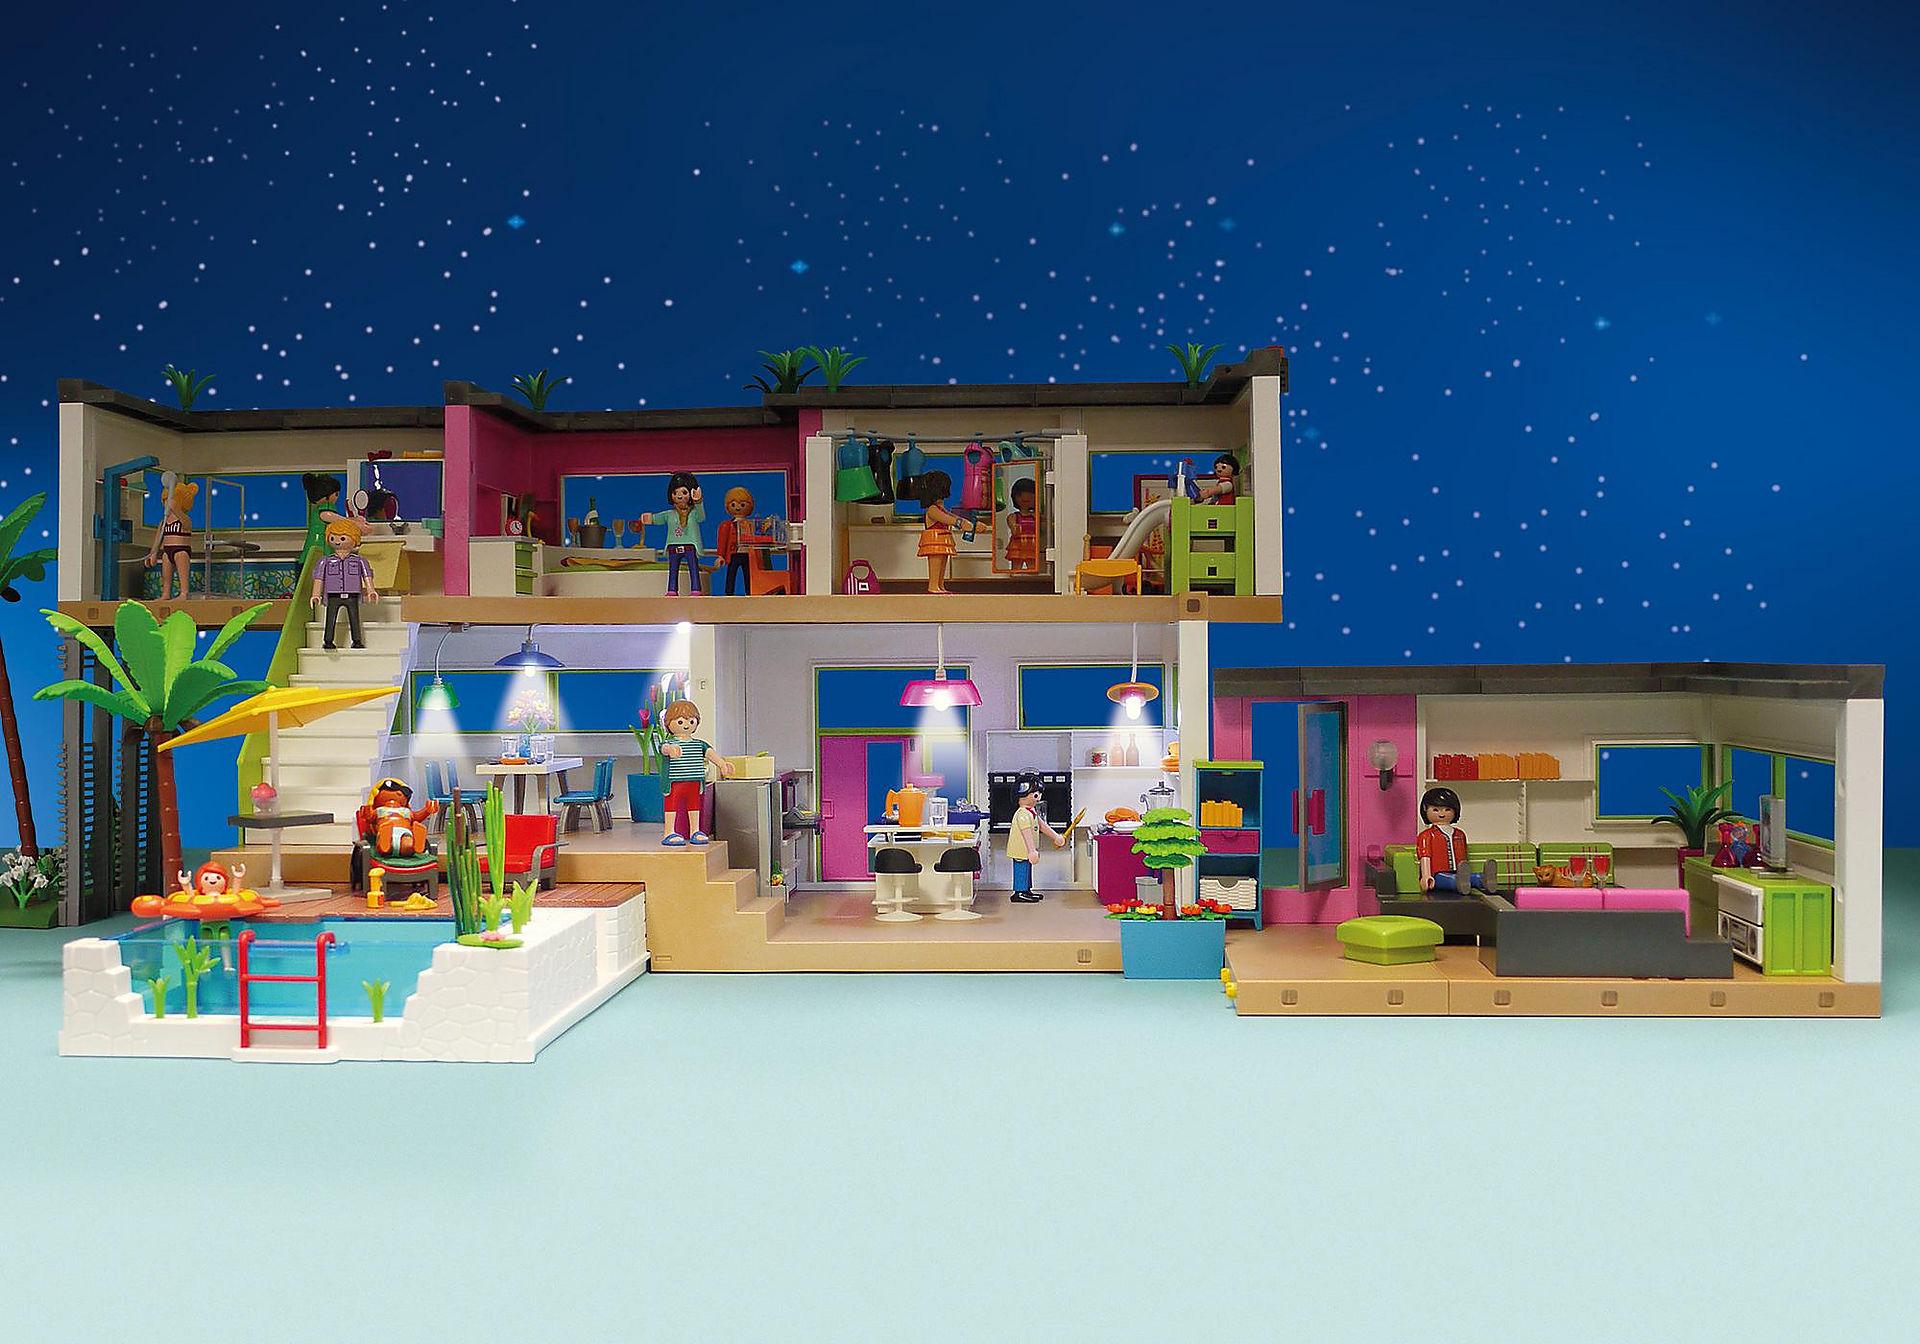 Maison moderne playmobil- la maison pendant la nuit.